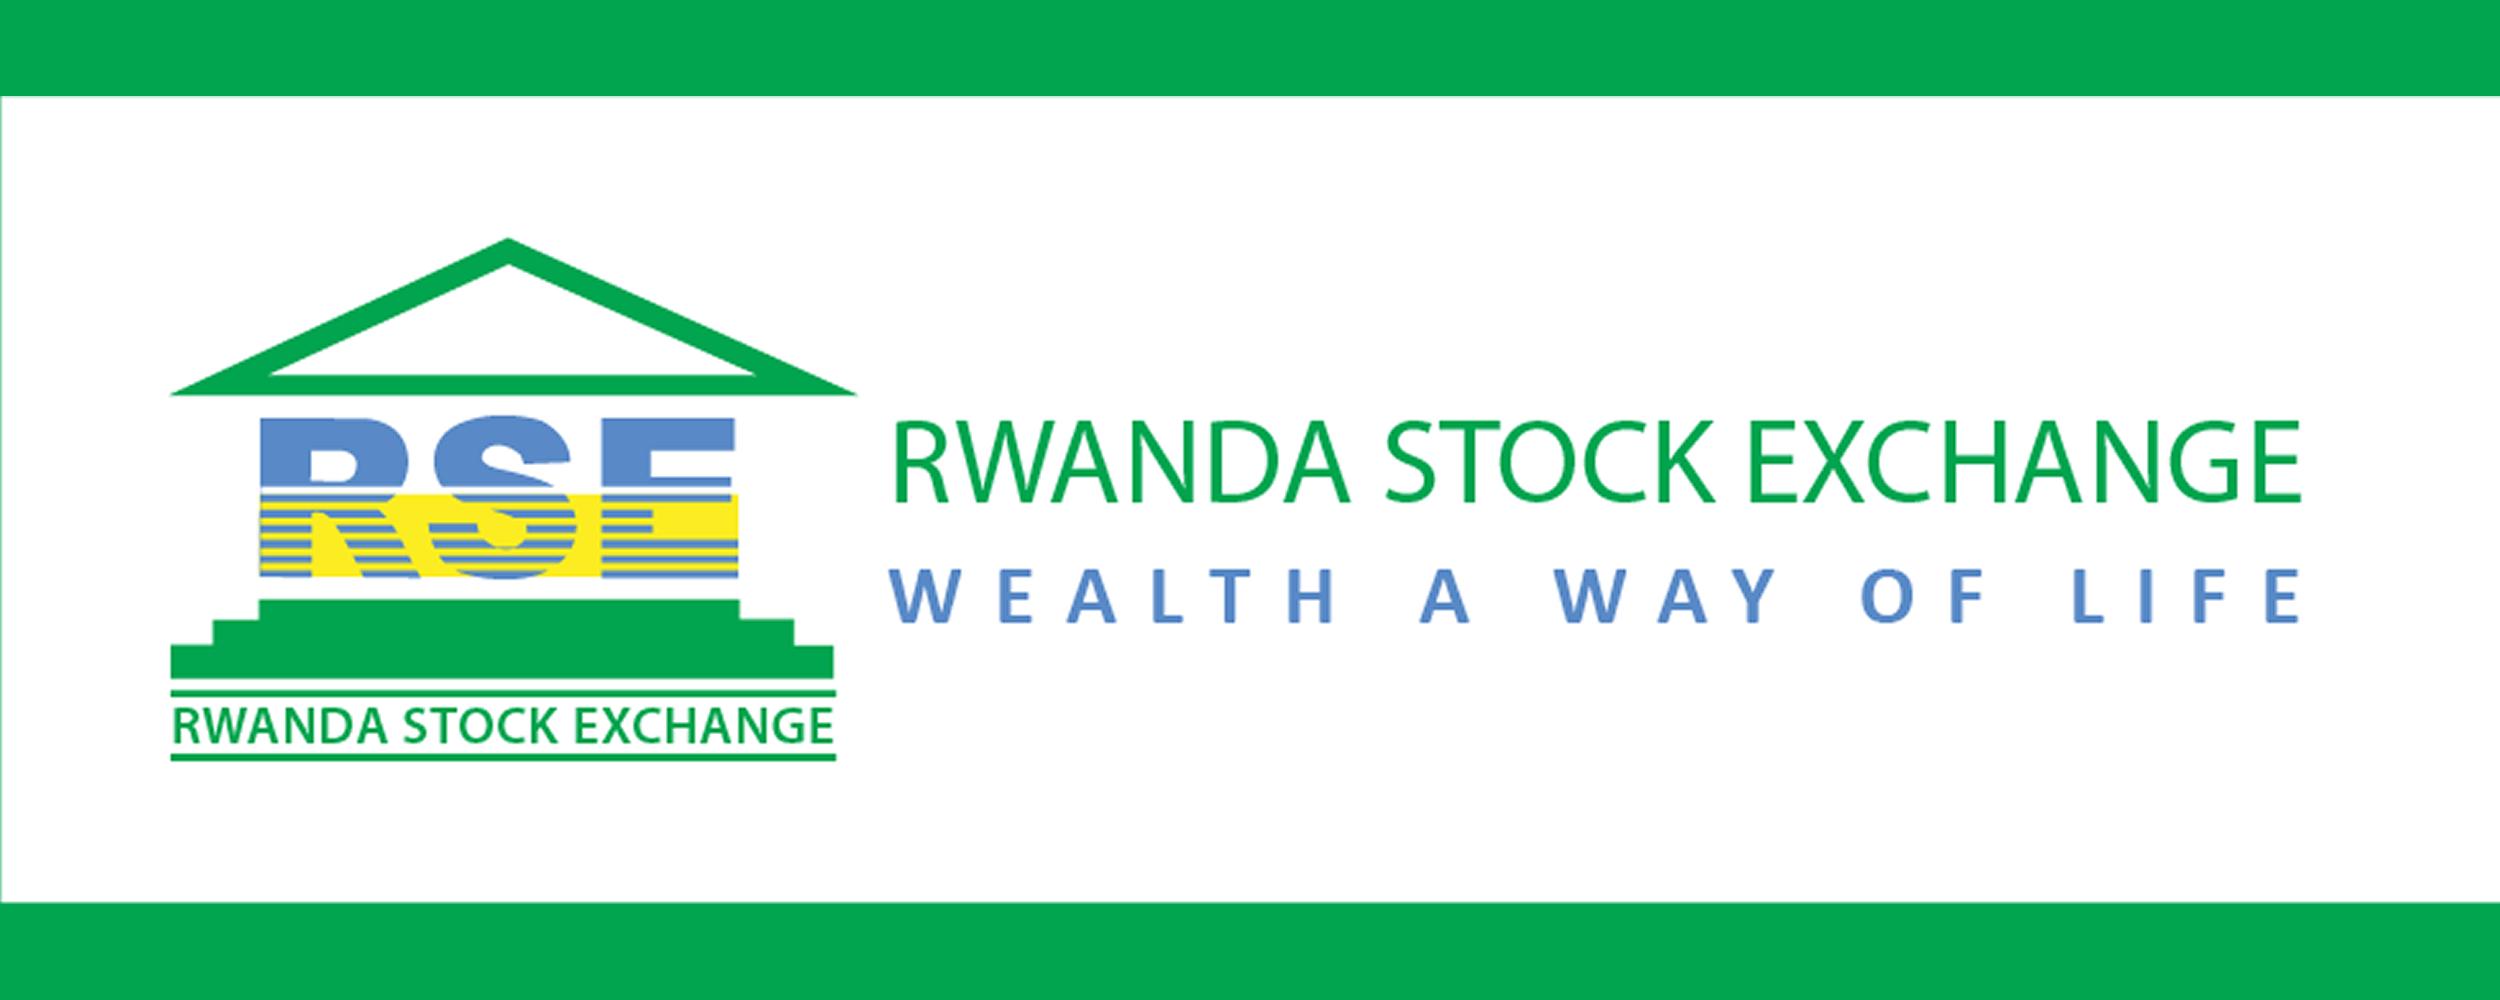 Rwanda Stock Exchange